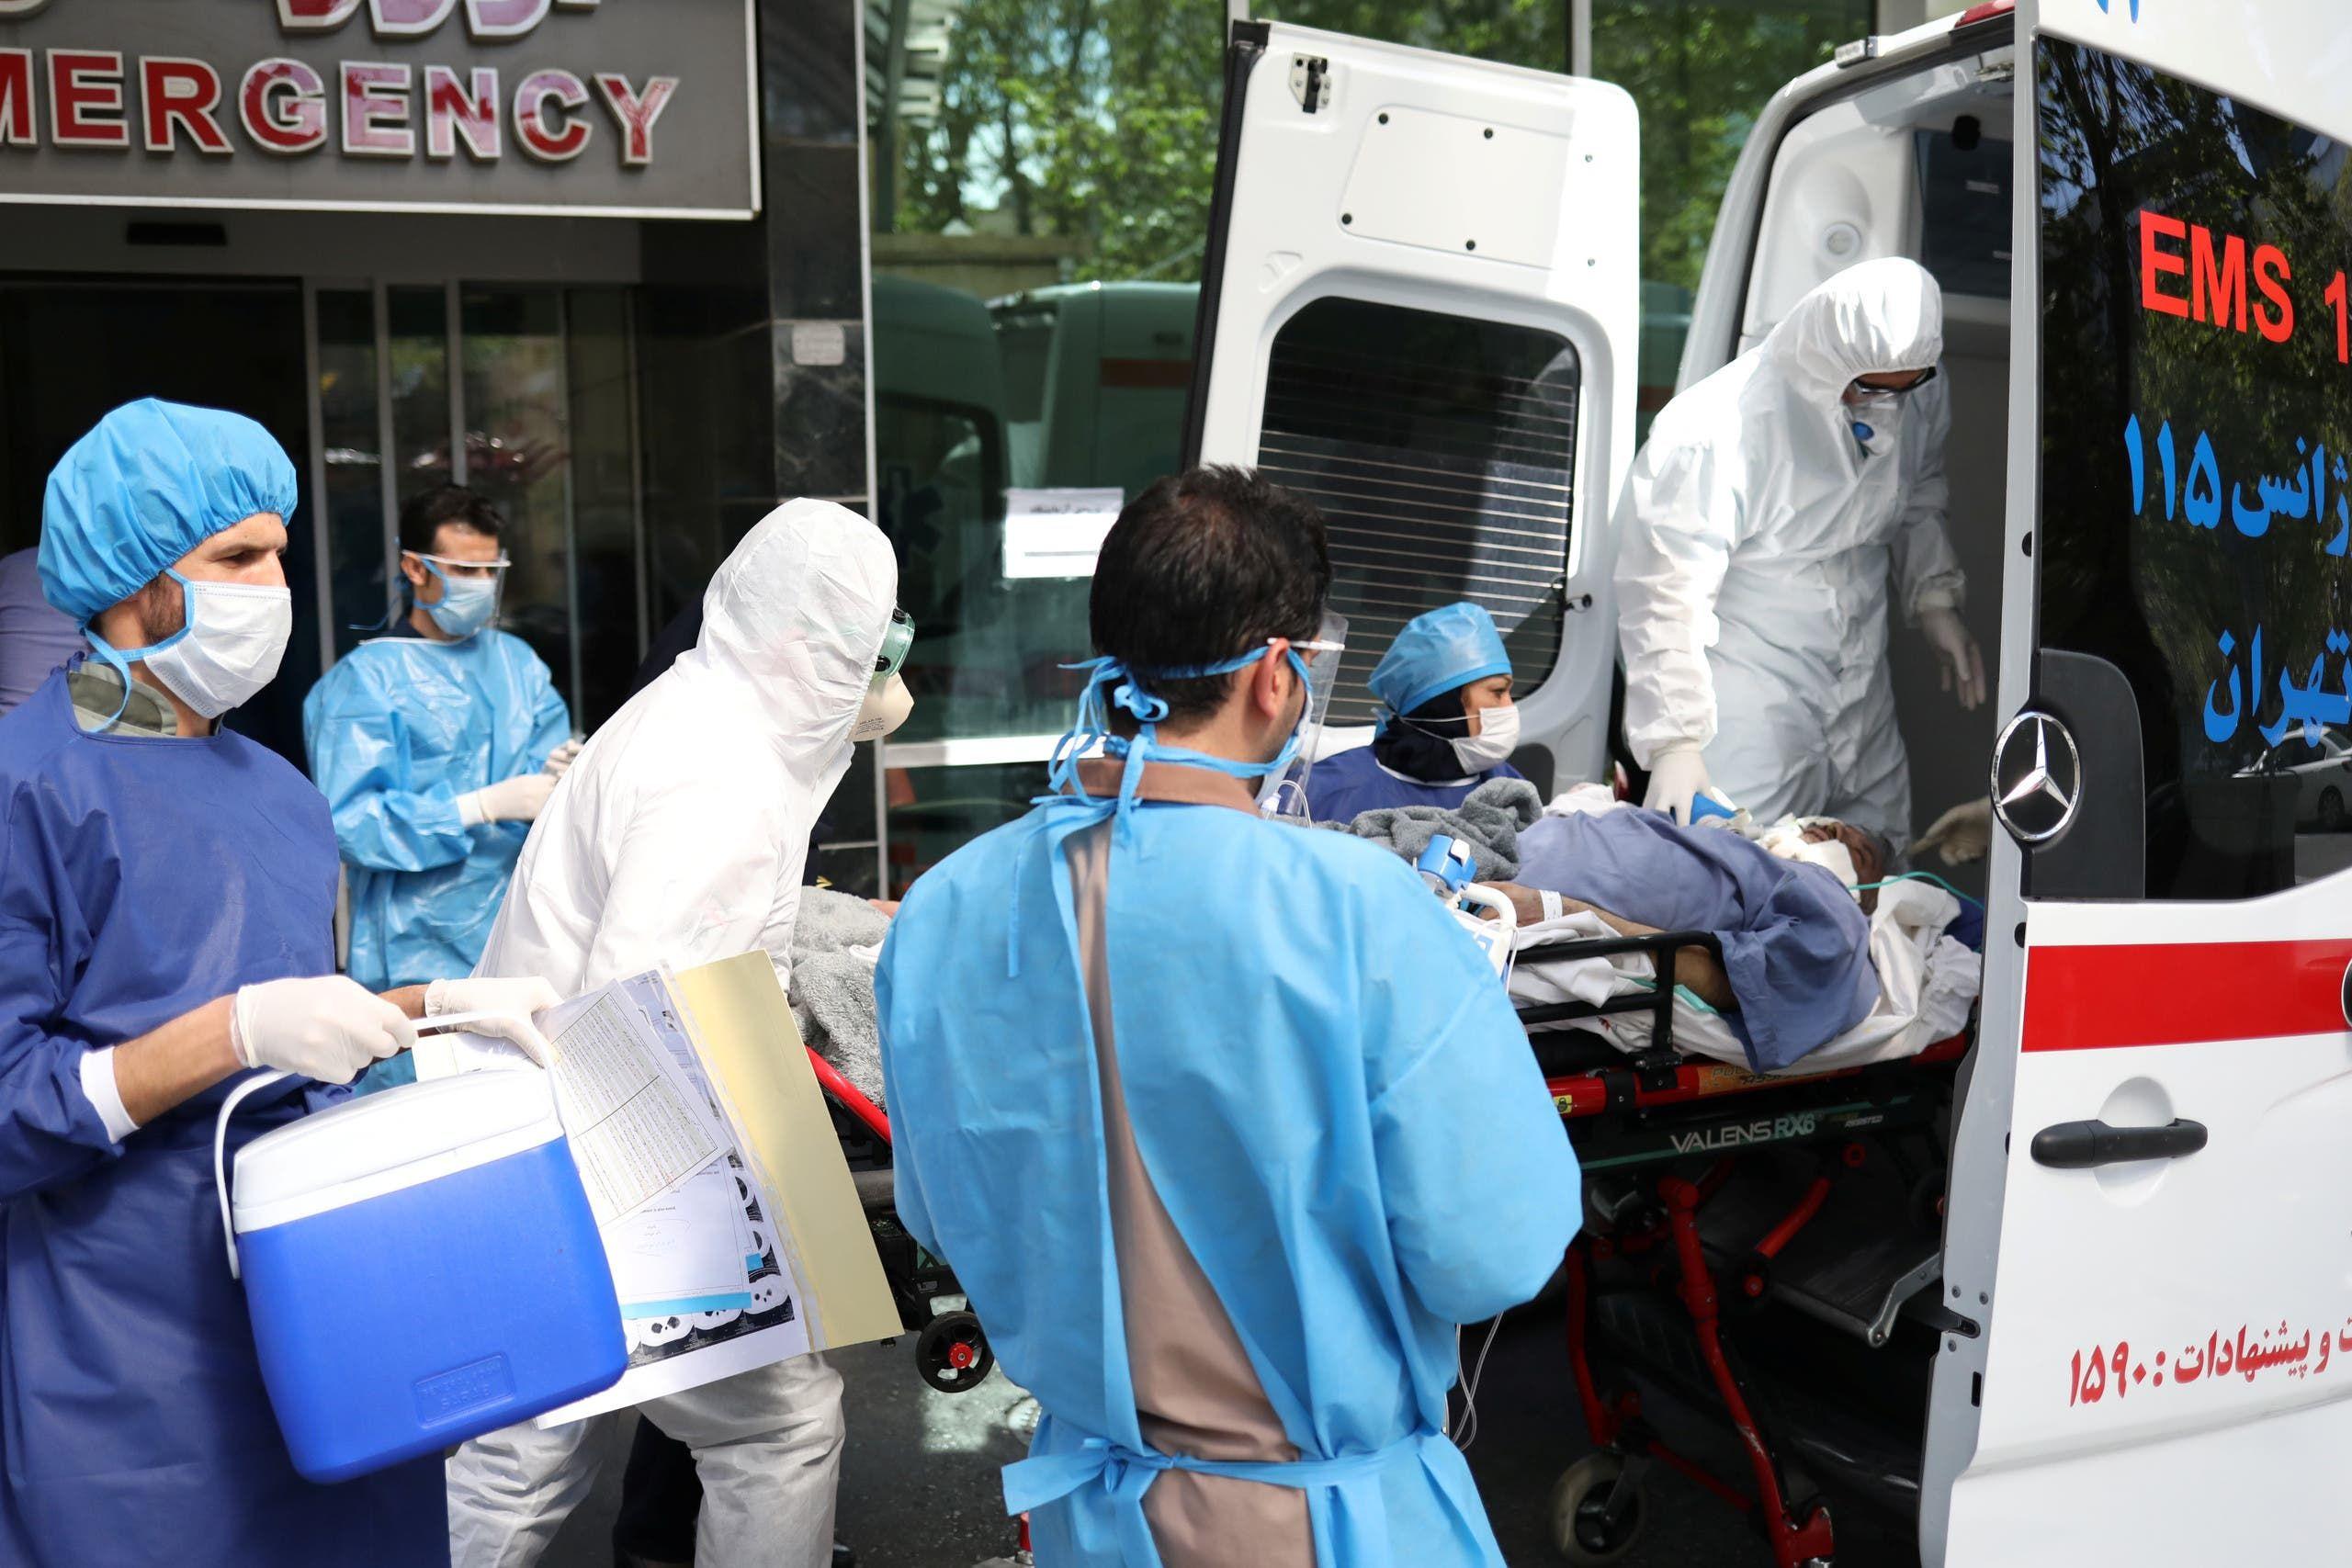 سيارة إسعاف تنقل مريض كورونا إلى مستشفى في طهران يوم 30 مارس